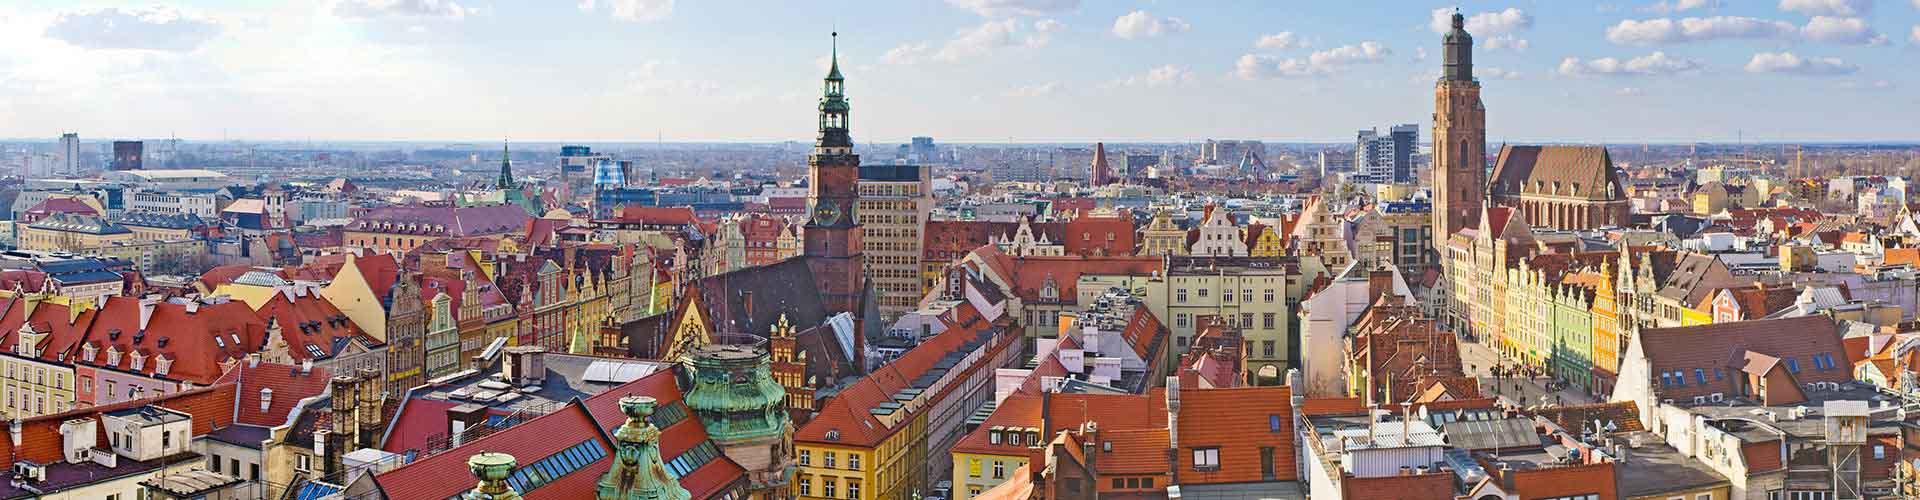 Wroclaw – Albergues em Wroclaw. Mapas para Wroclaw, Fotos e Avaliações para cada Albergue em Wroclaw.